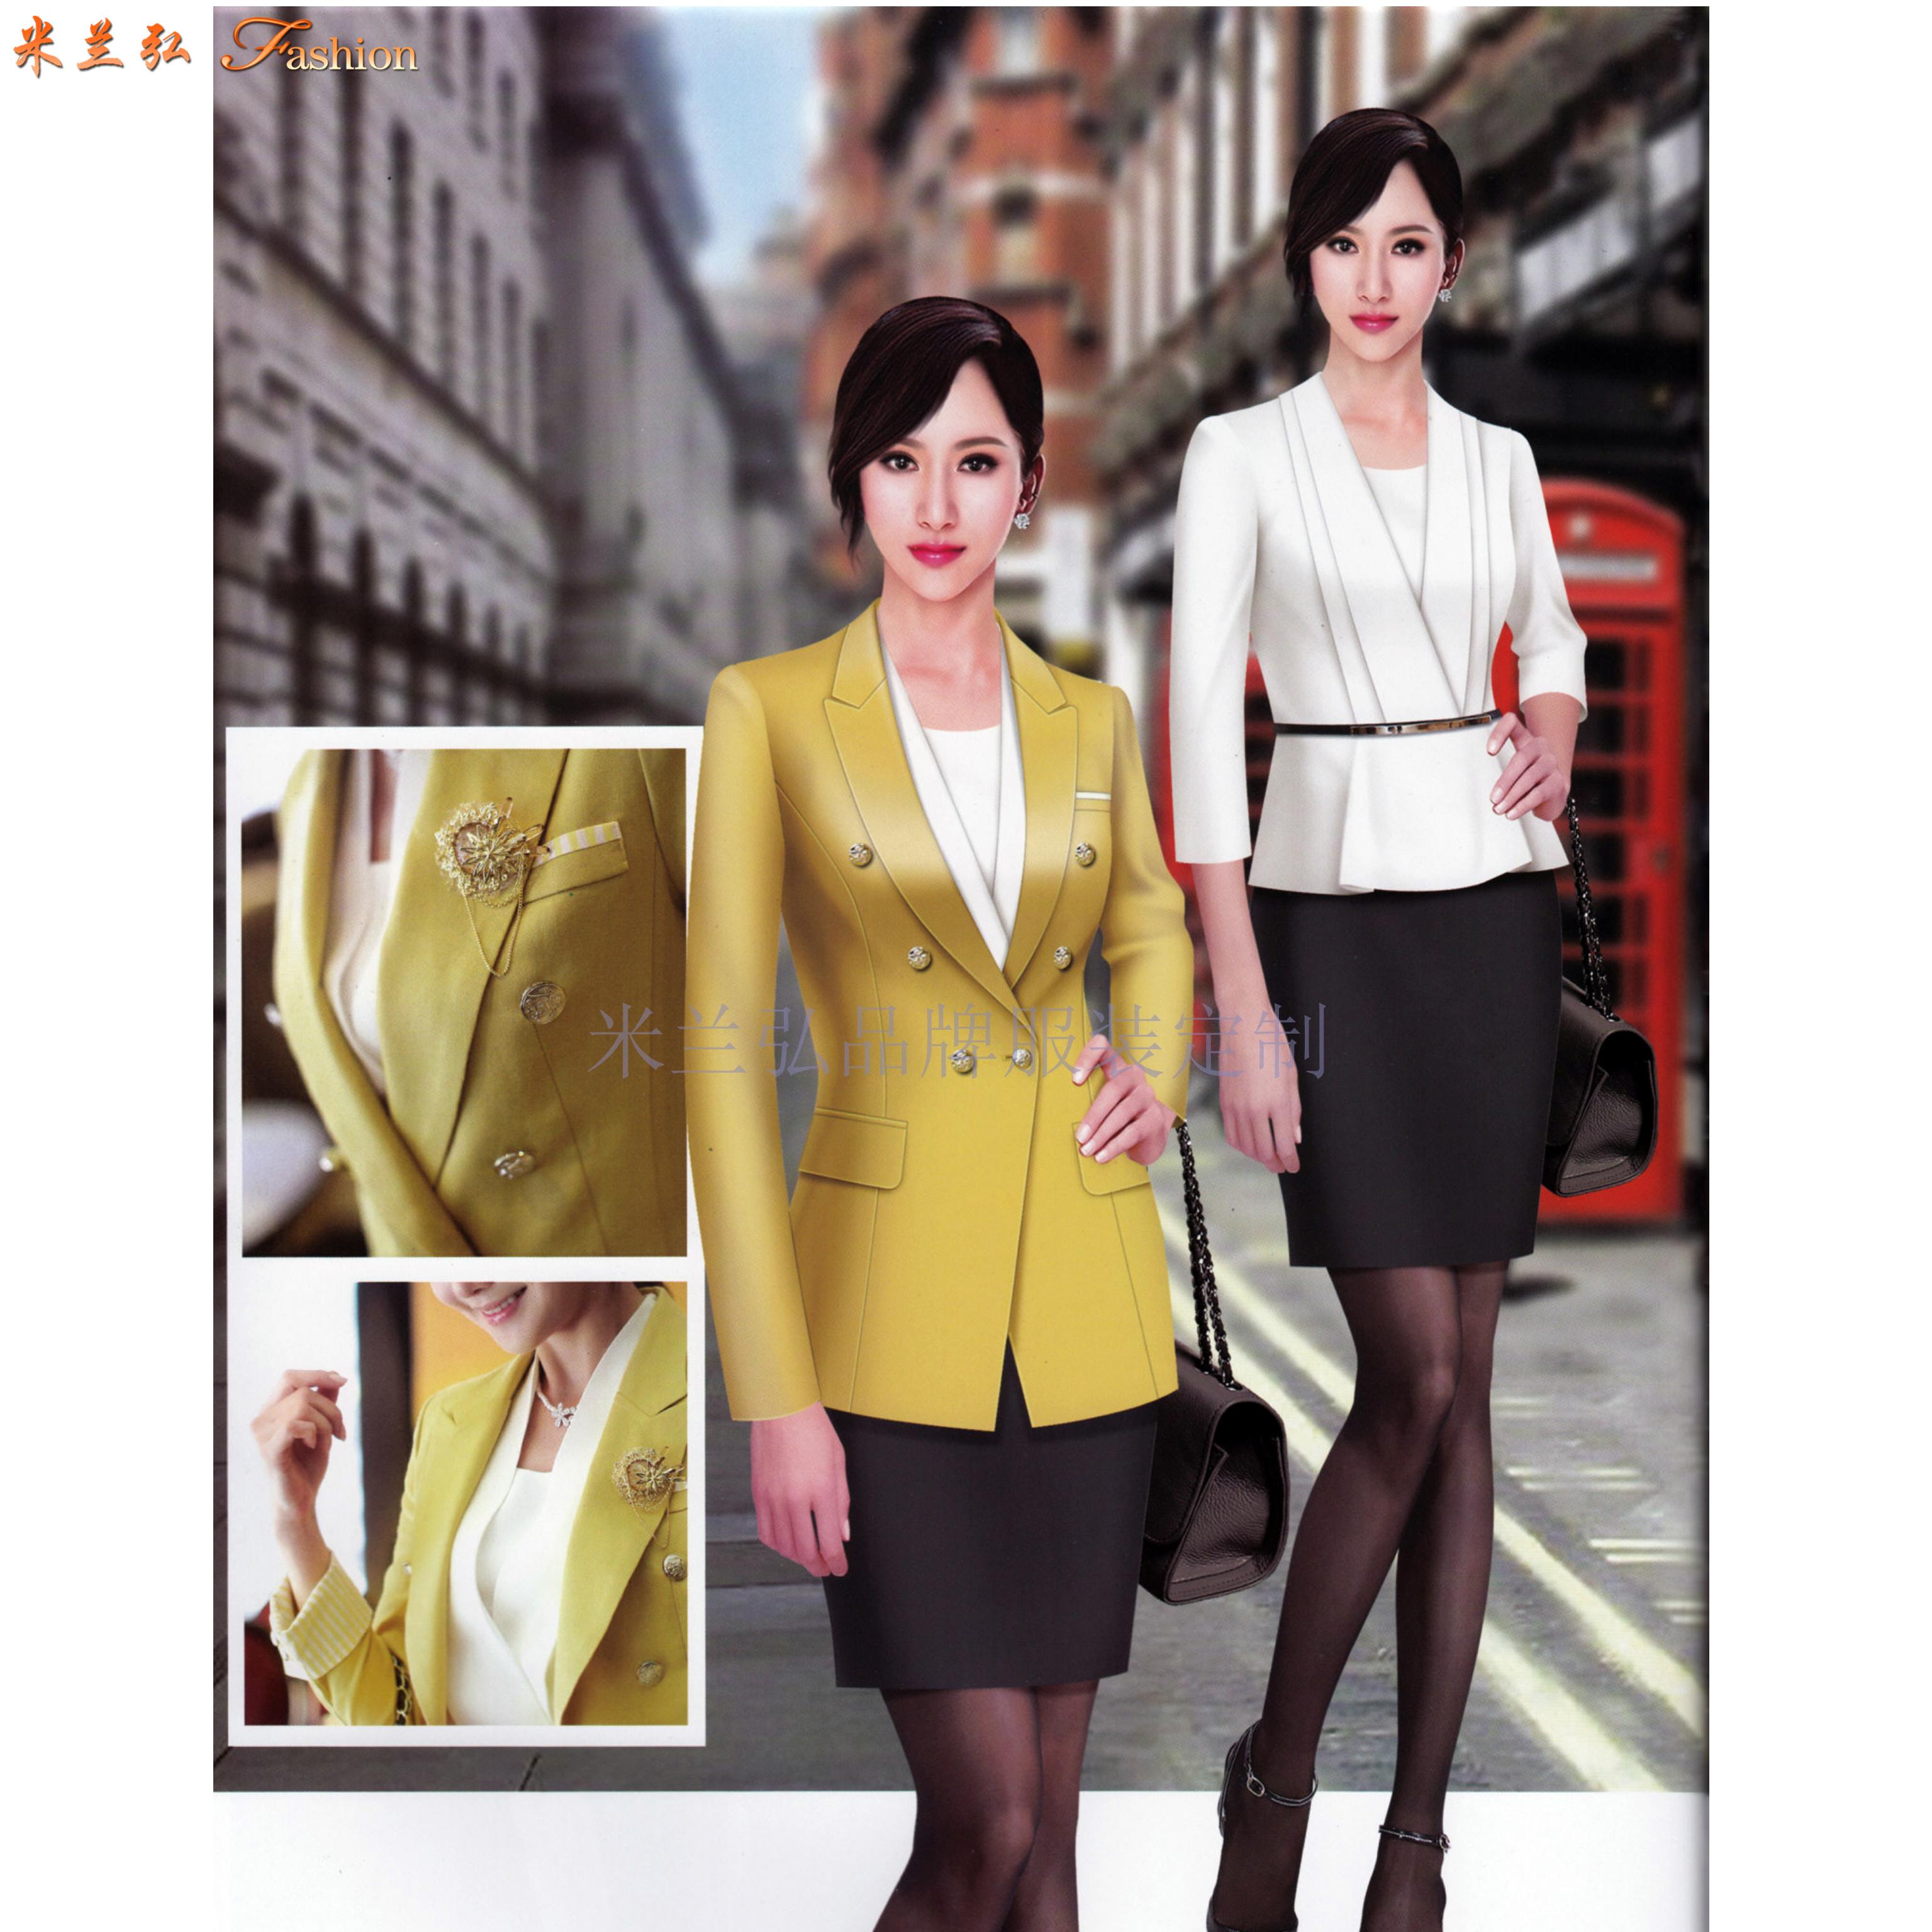 北京時尚職業裝訂制-通州城市副中心定做西服職業裝品牌-米蘭弘-5